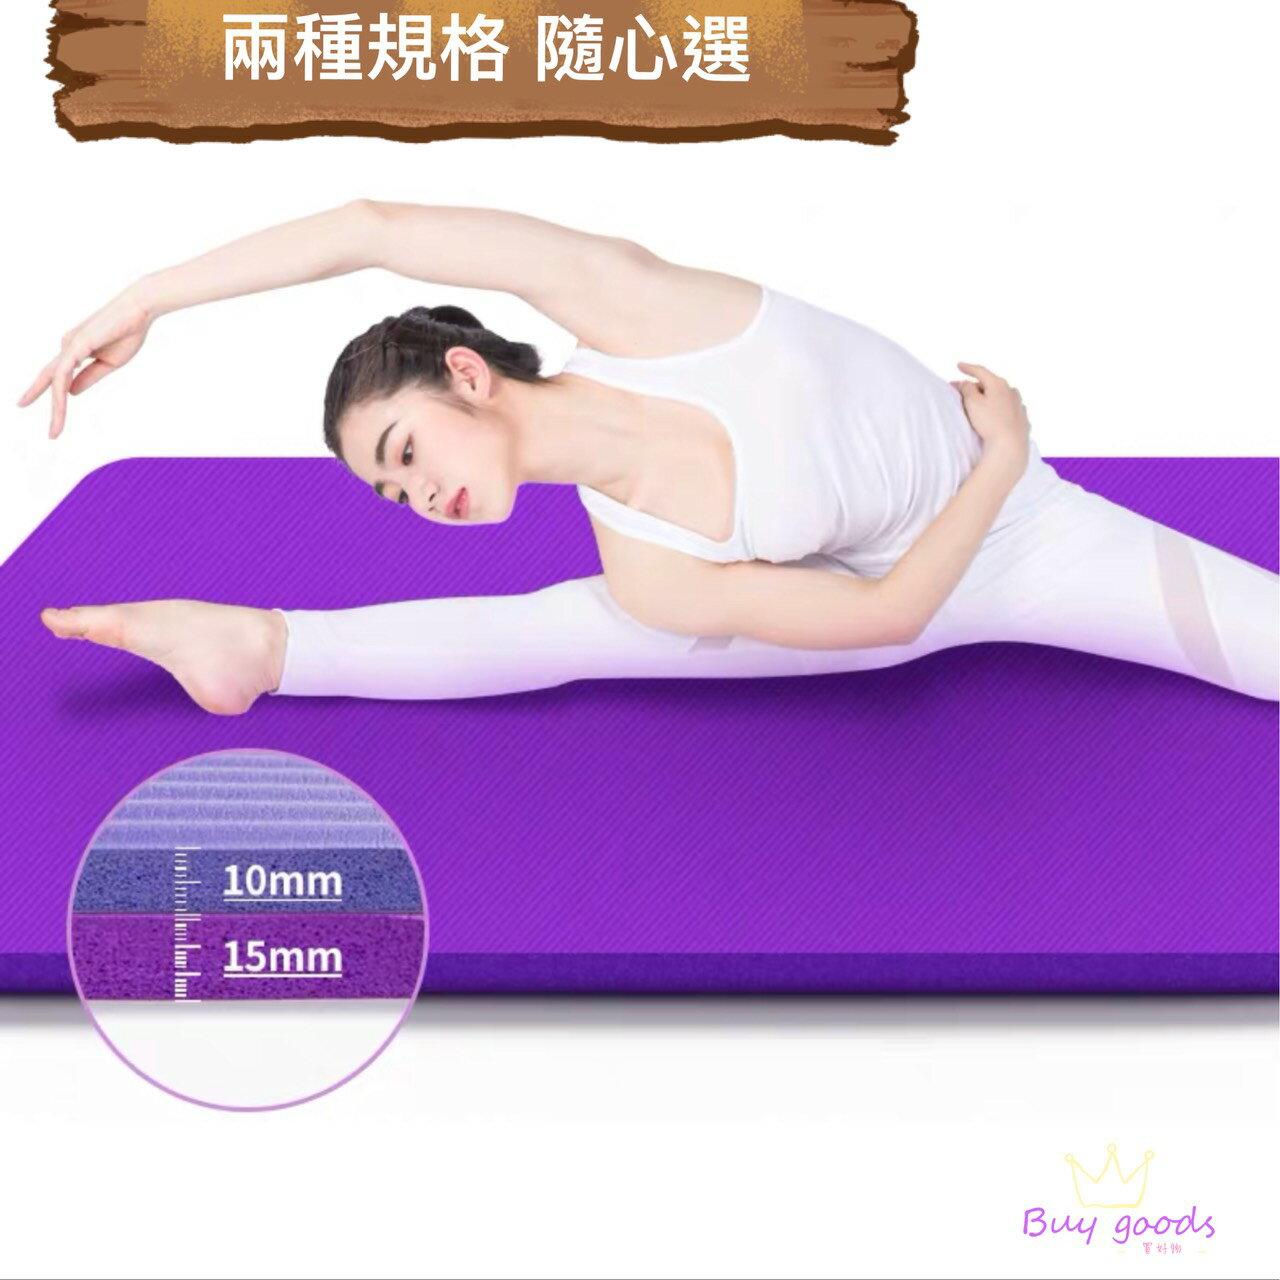 健身 瑜伽墊 / 運動 地墊 遊戲墊  / 瑜珈健身墊 / 防滑墊《10MM / 15MM 瑜珈墊+束帶+收納袋三件套》 7